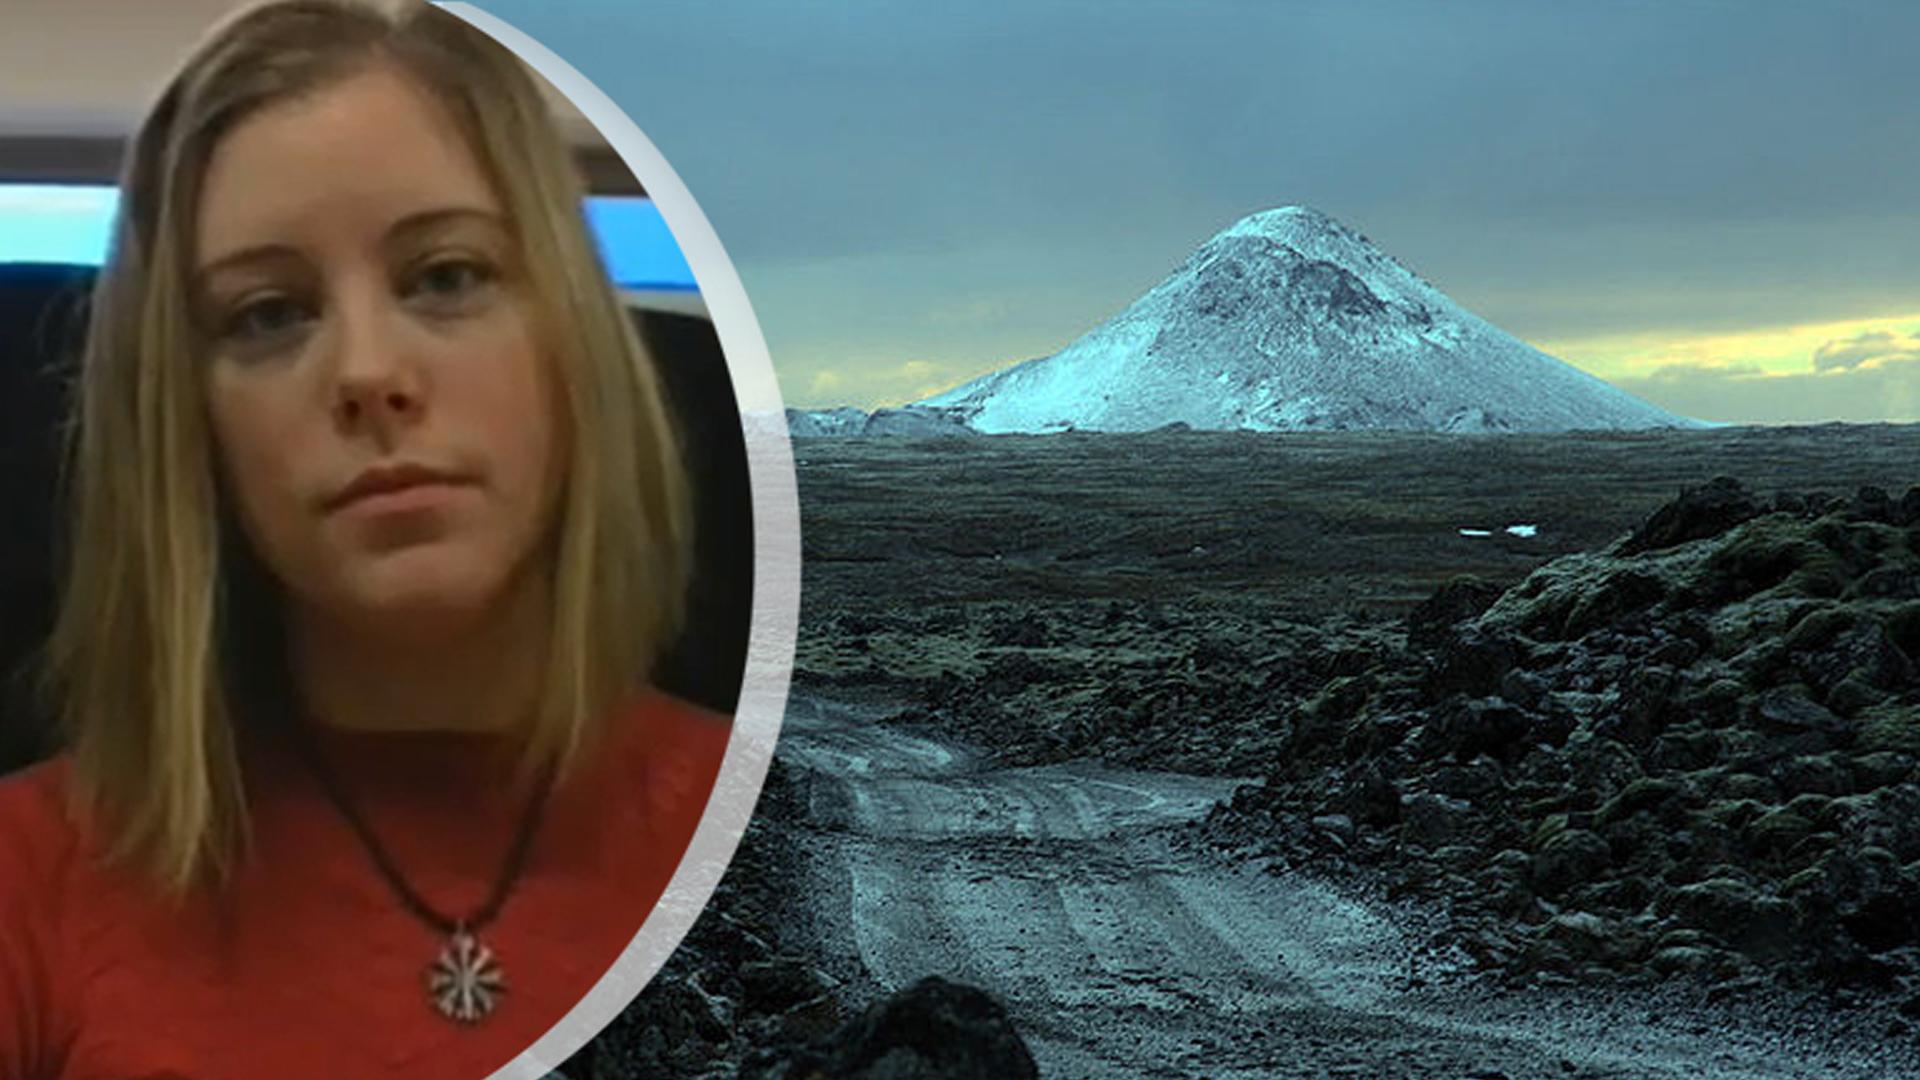 """Jannika bor nära vulkanen: """"Faran bubblar under ytan, precis som lavan"""""""